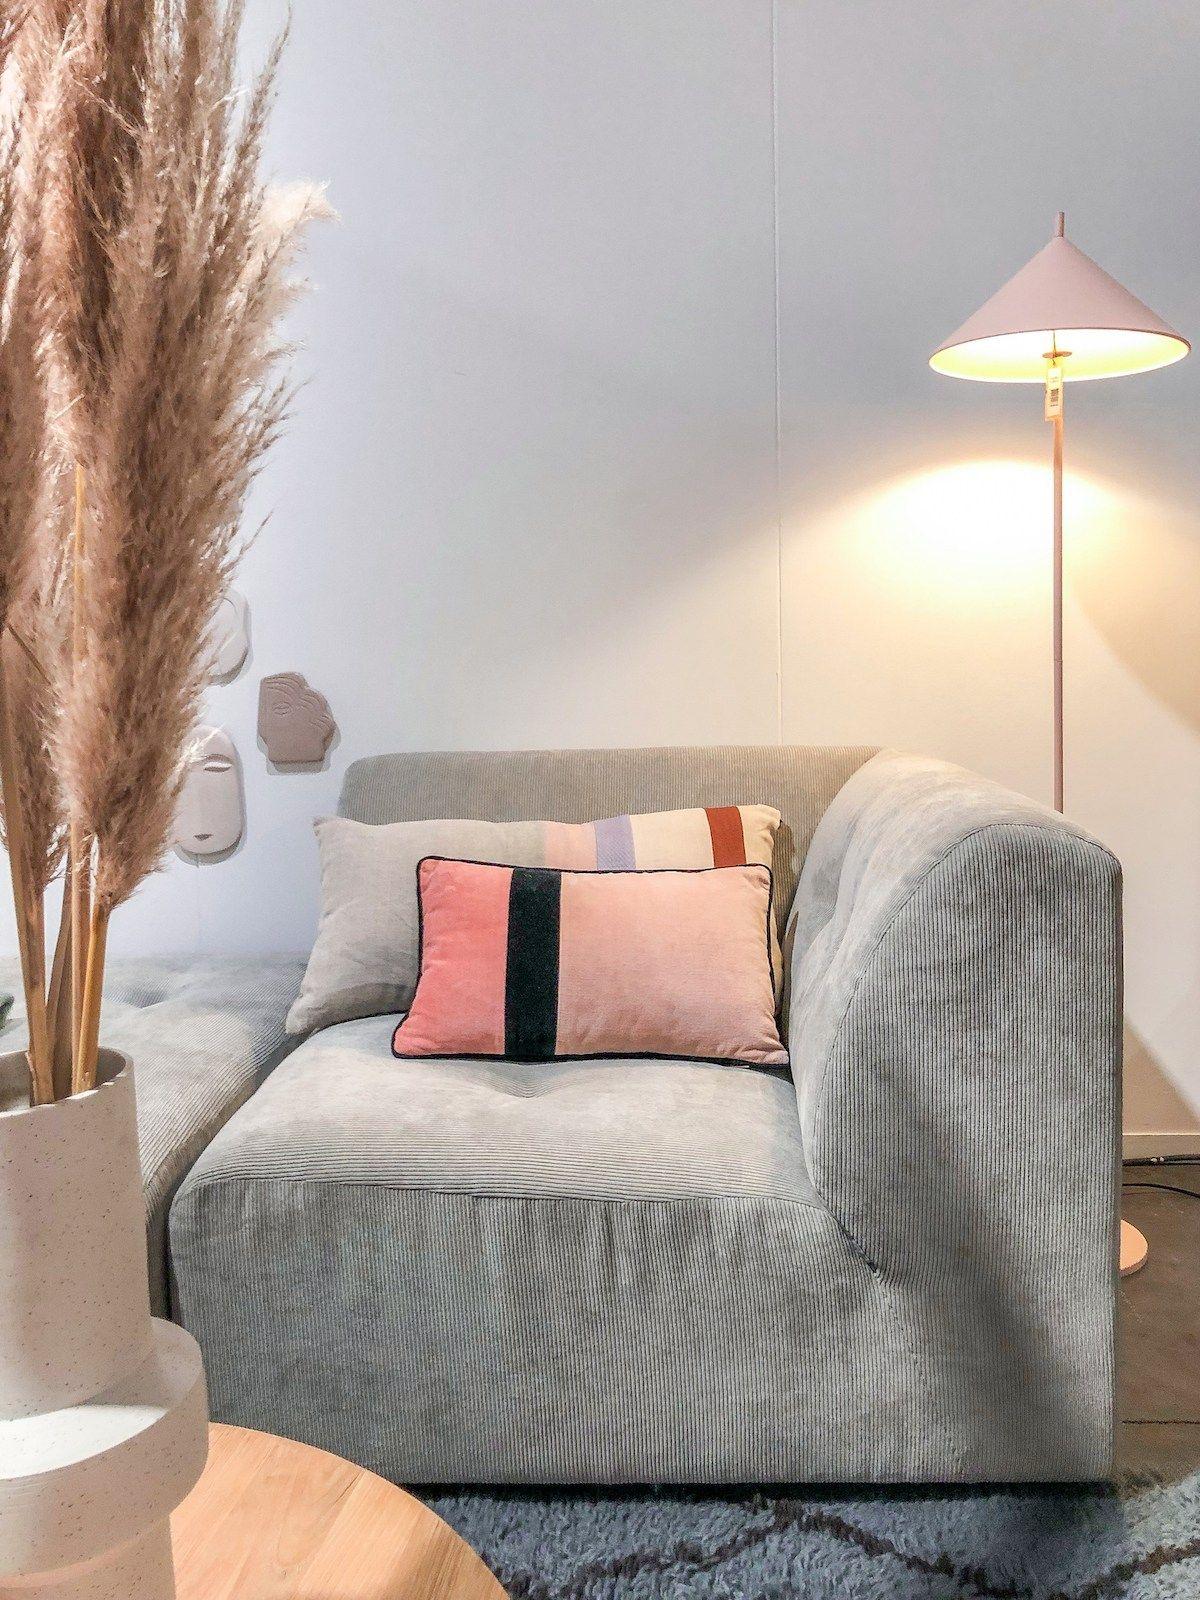 Comment Nettoyer Un Canapé En Cuir Gris Clair comment nettoyer du velours - blog déco | maison et objet